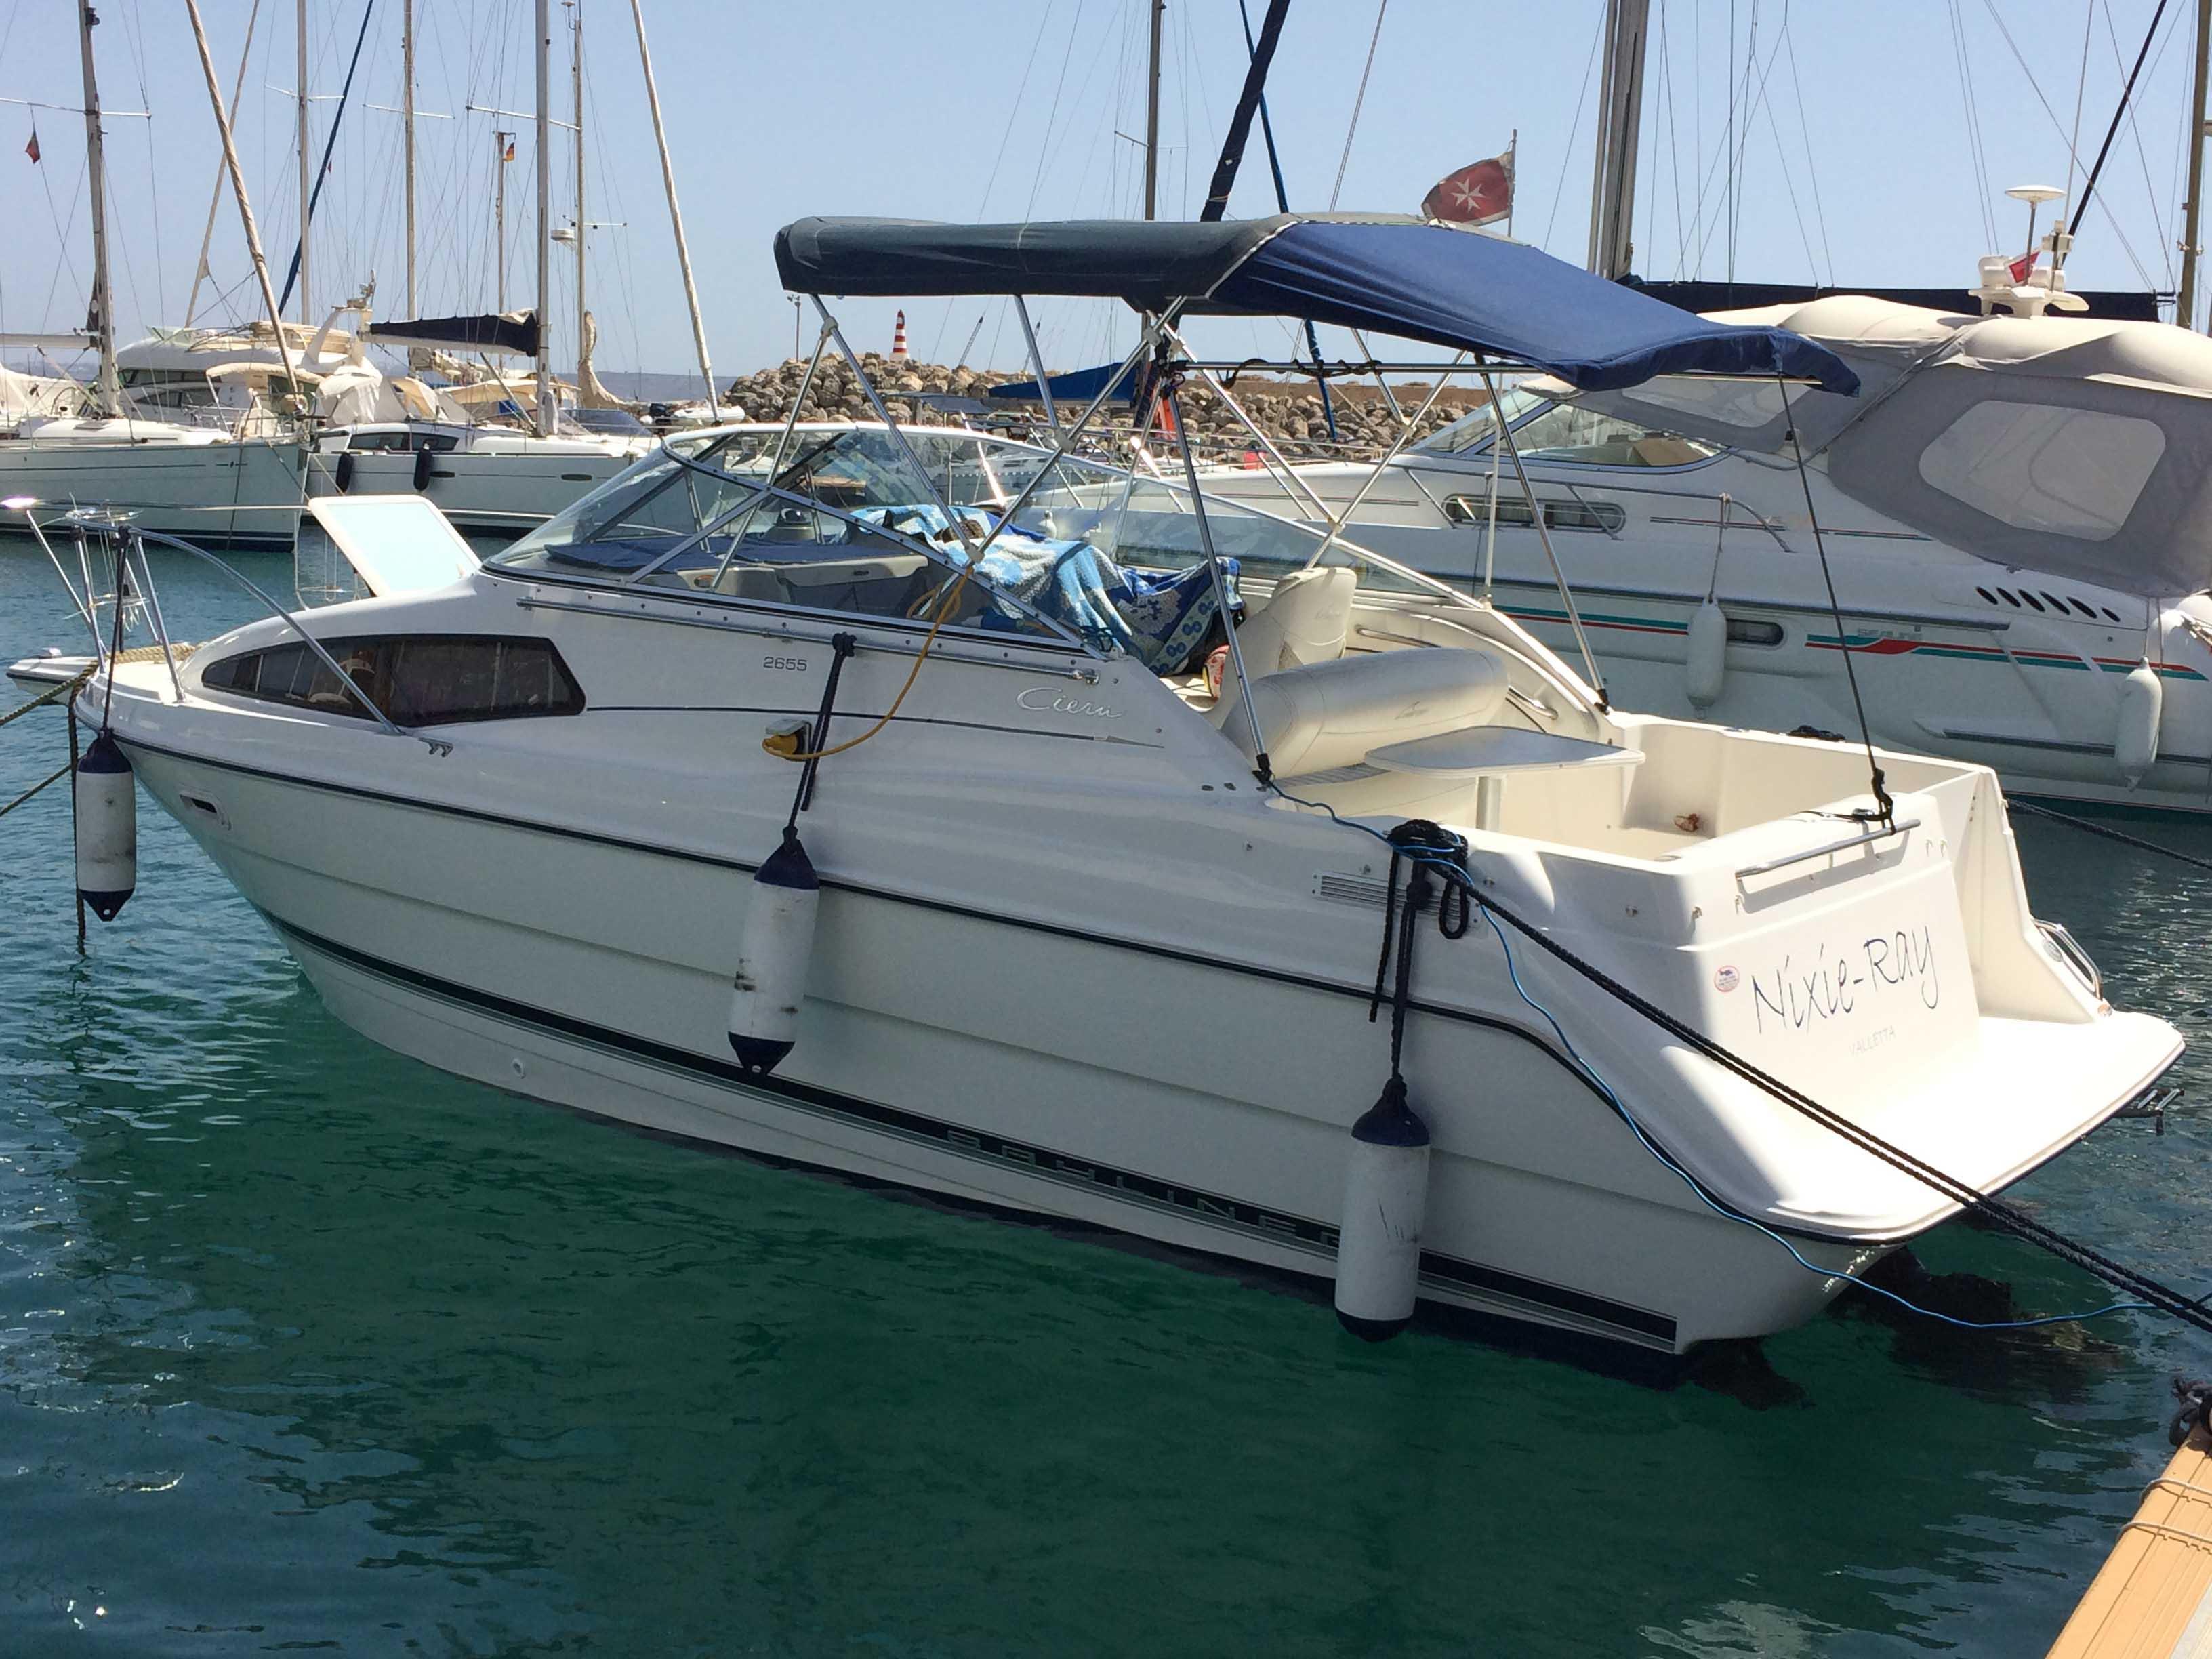 Bayliner Ciera 2655 EUR 45,000